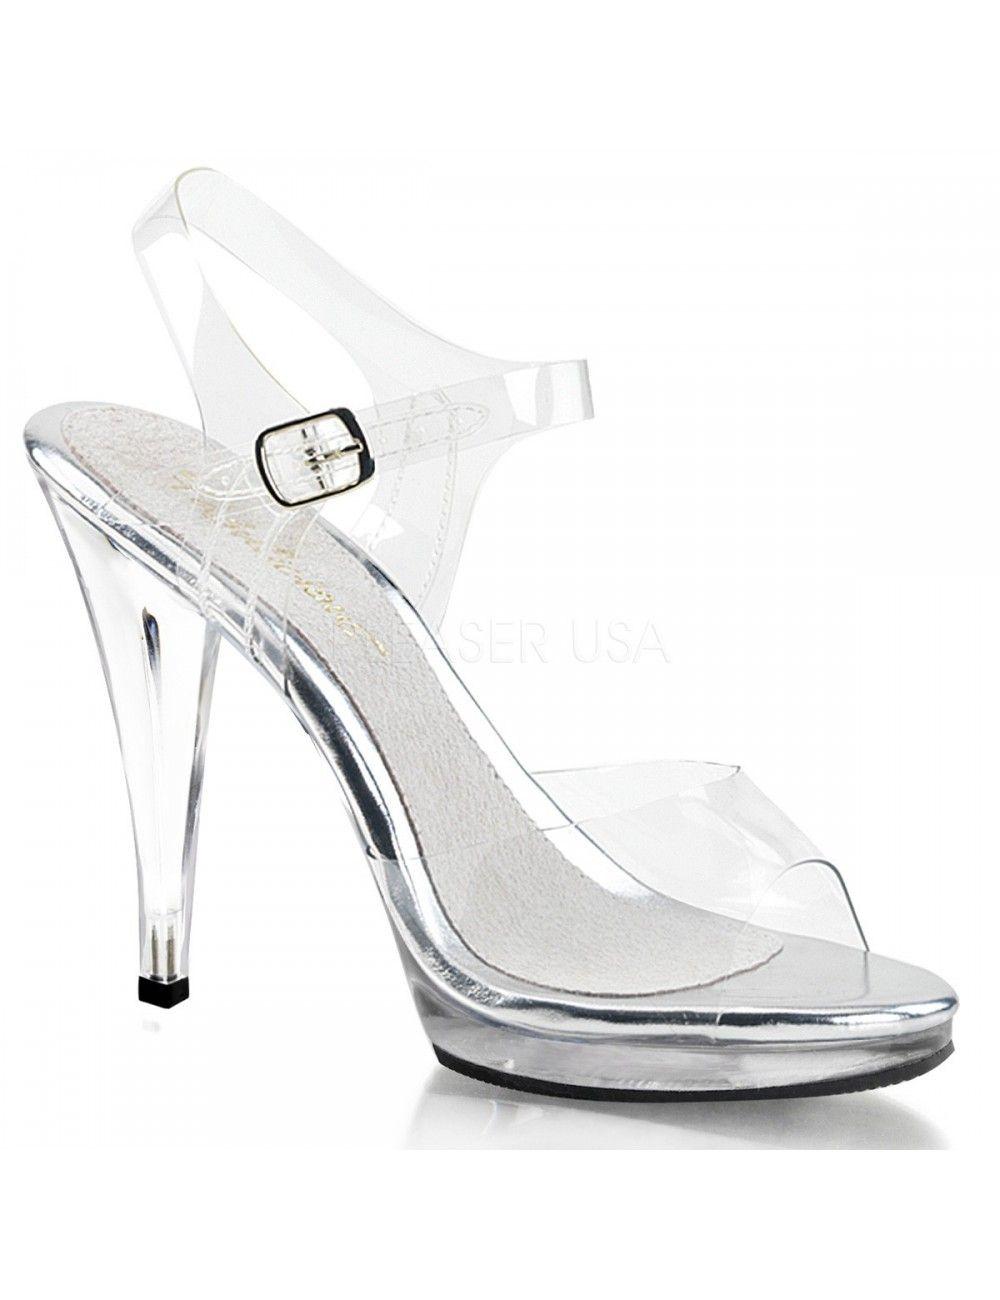 Sandales Amour de Transparence PLEASER